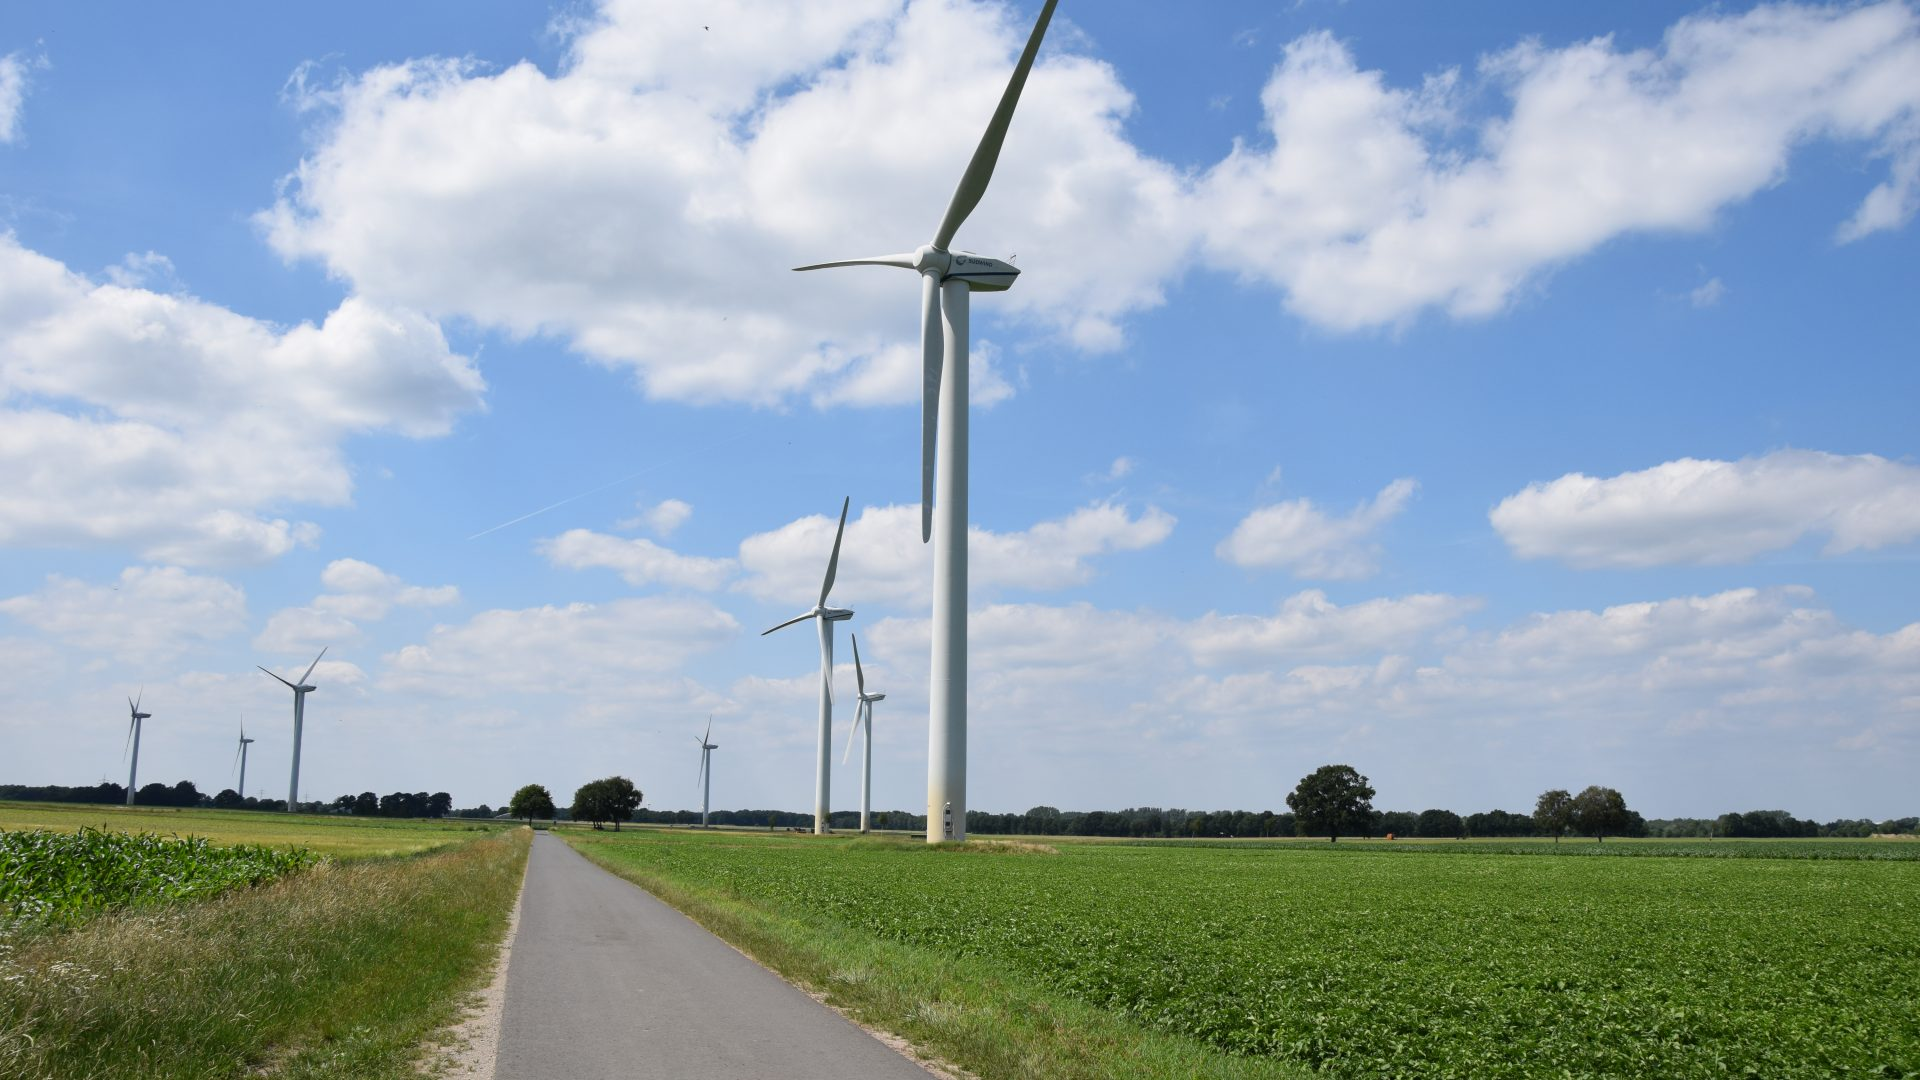 Bereits mehr als die Hälfte finanziert - Bürgerwindpark Uetze 1